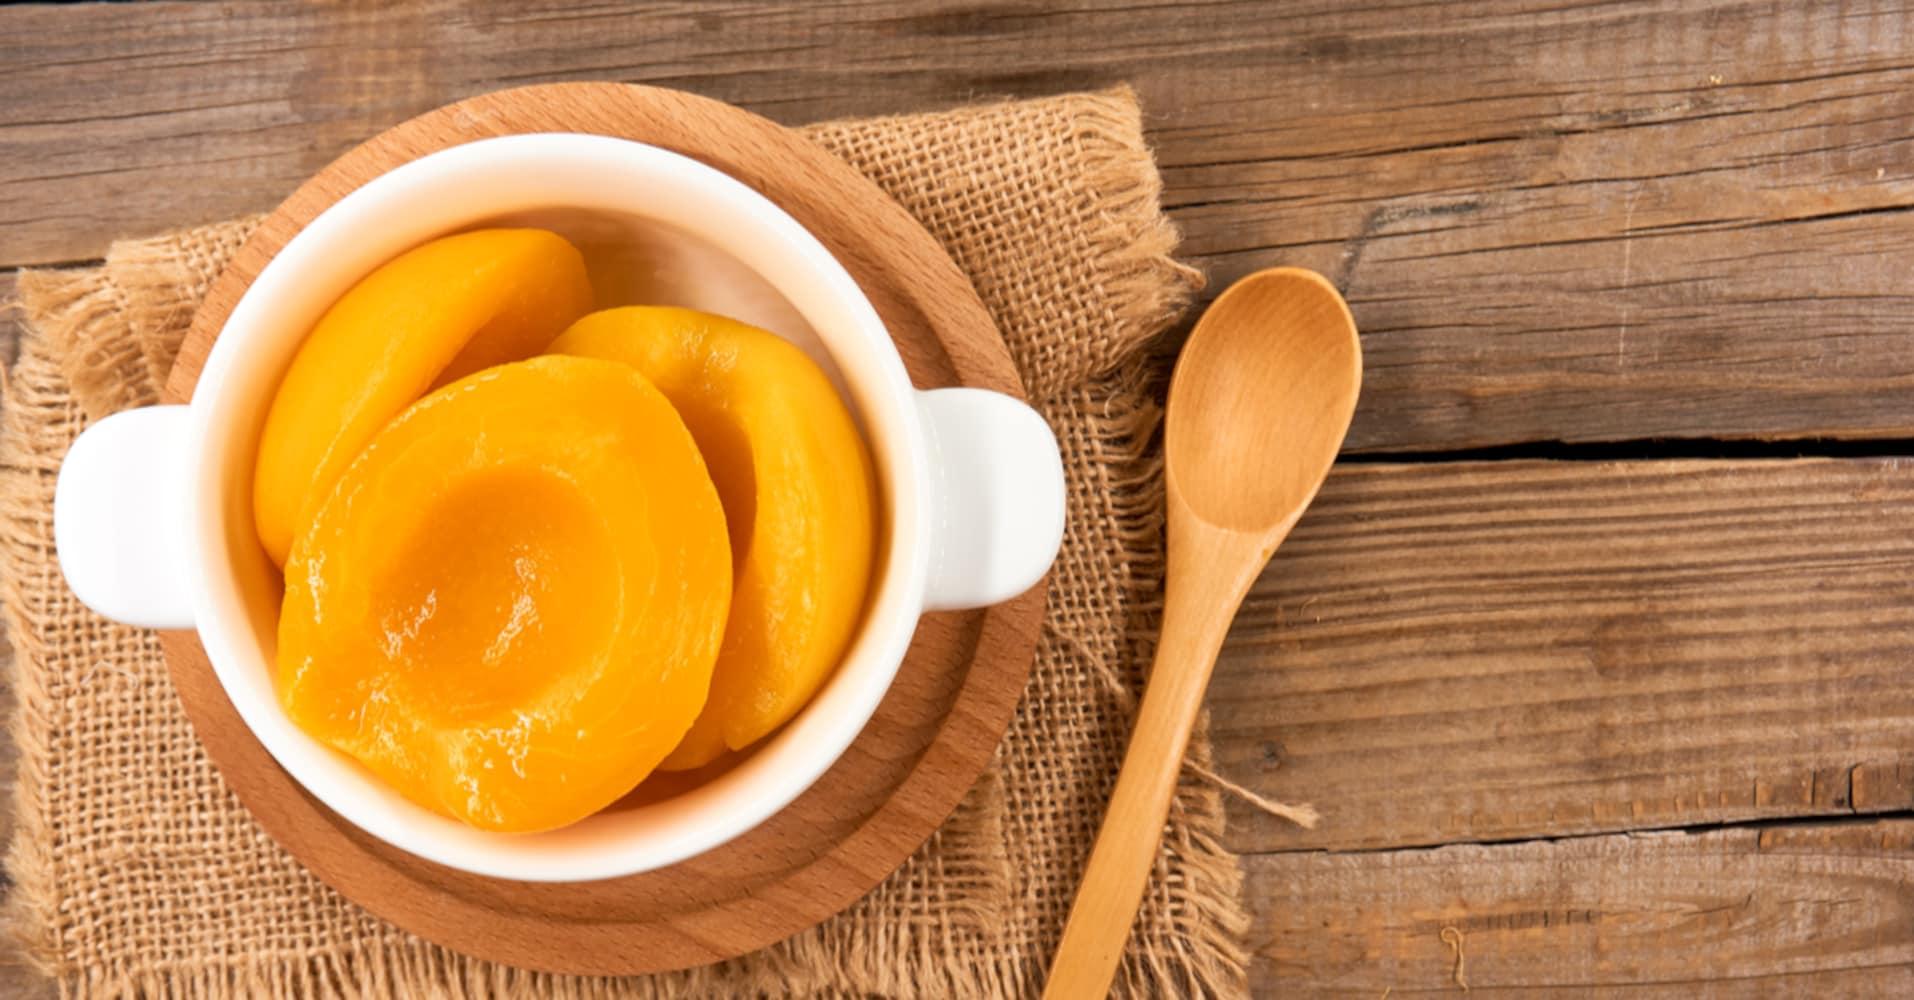 黄桃|ほのかな酸味で柔らかくとろけるような食感が特徴